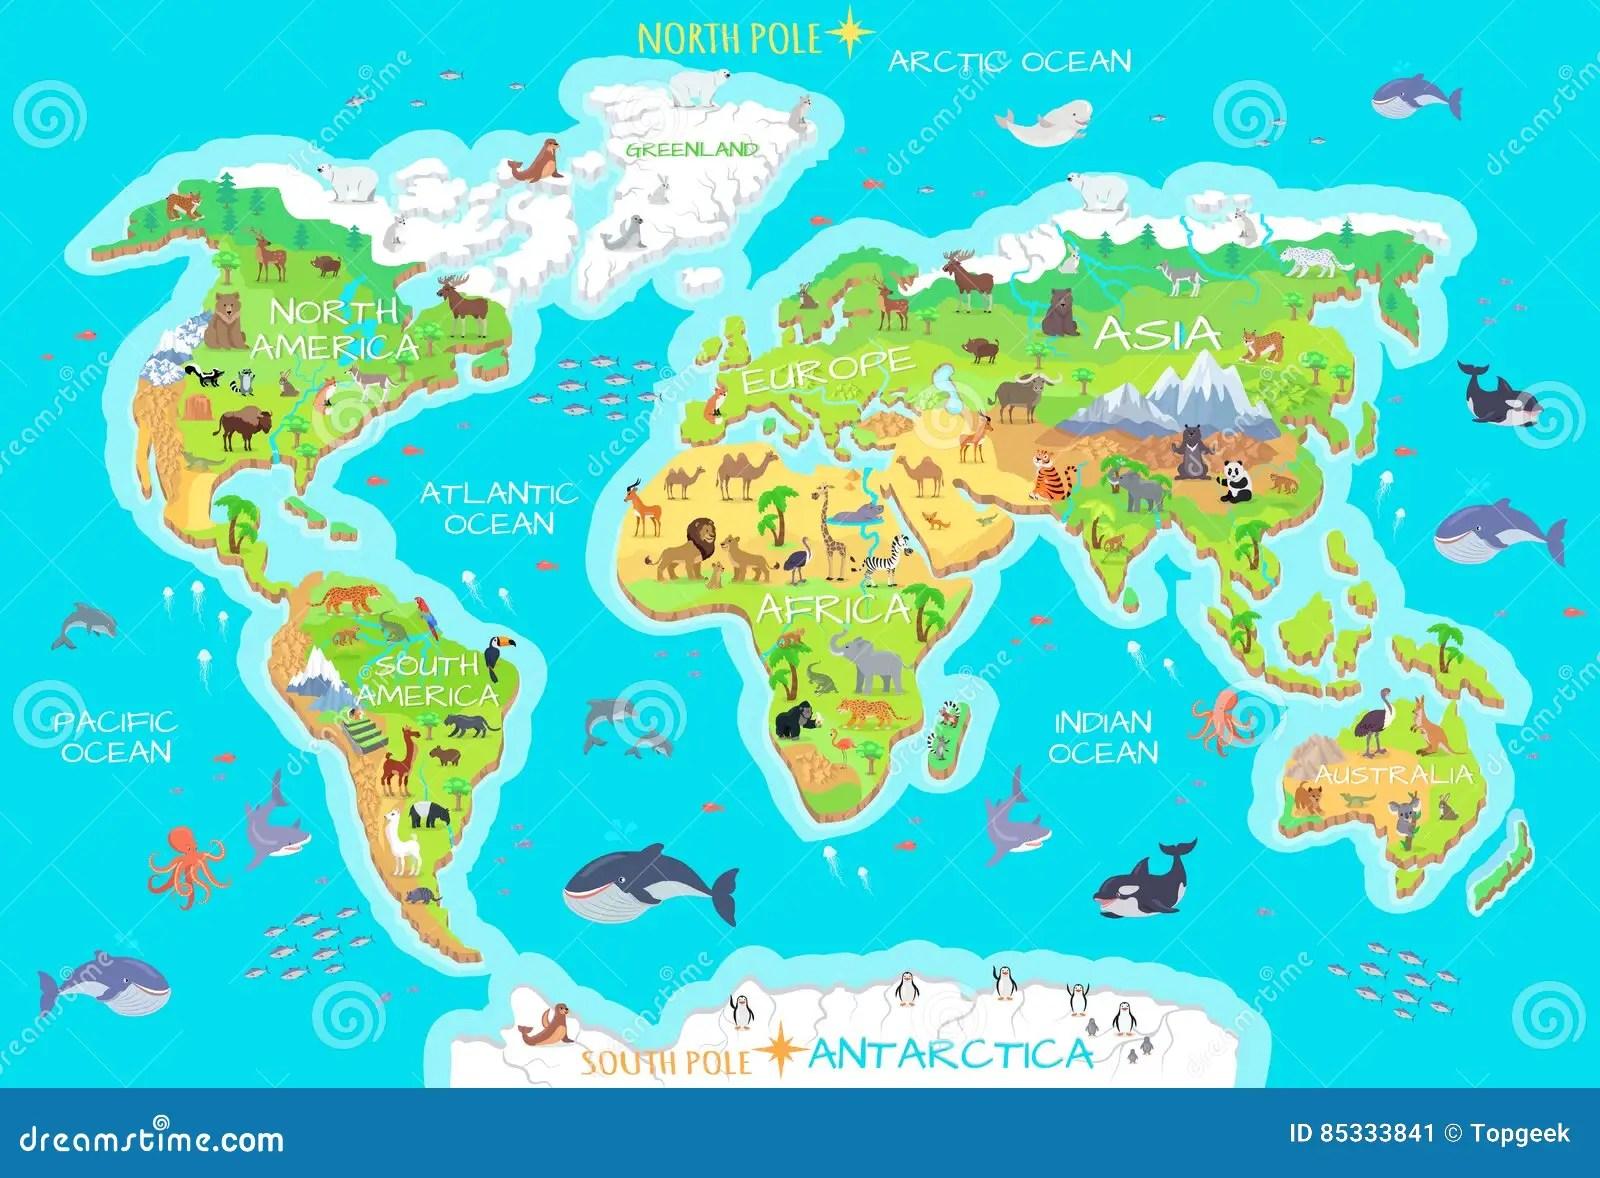 Tiere Und Wo Sie Leben Unser Planet Erde Vektor Abbildung